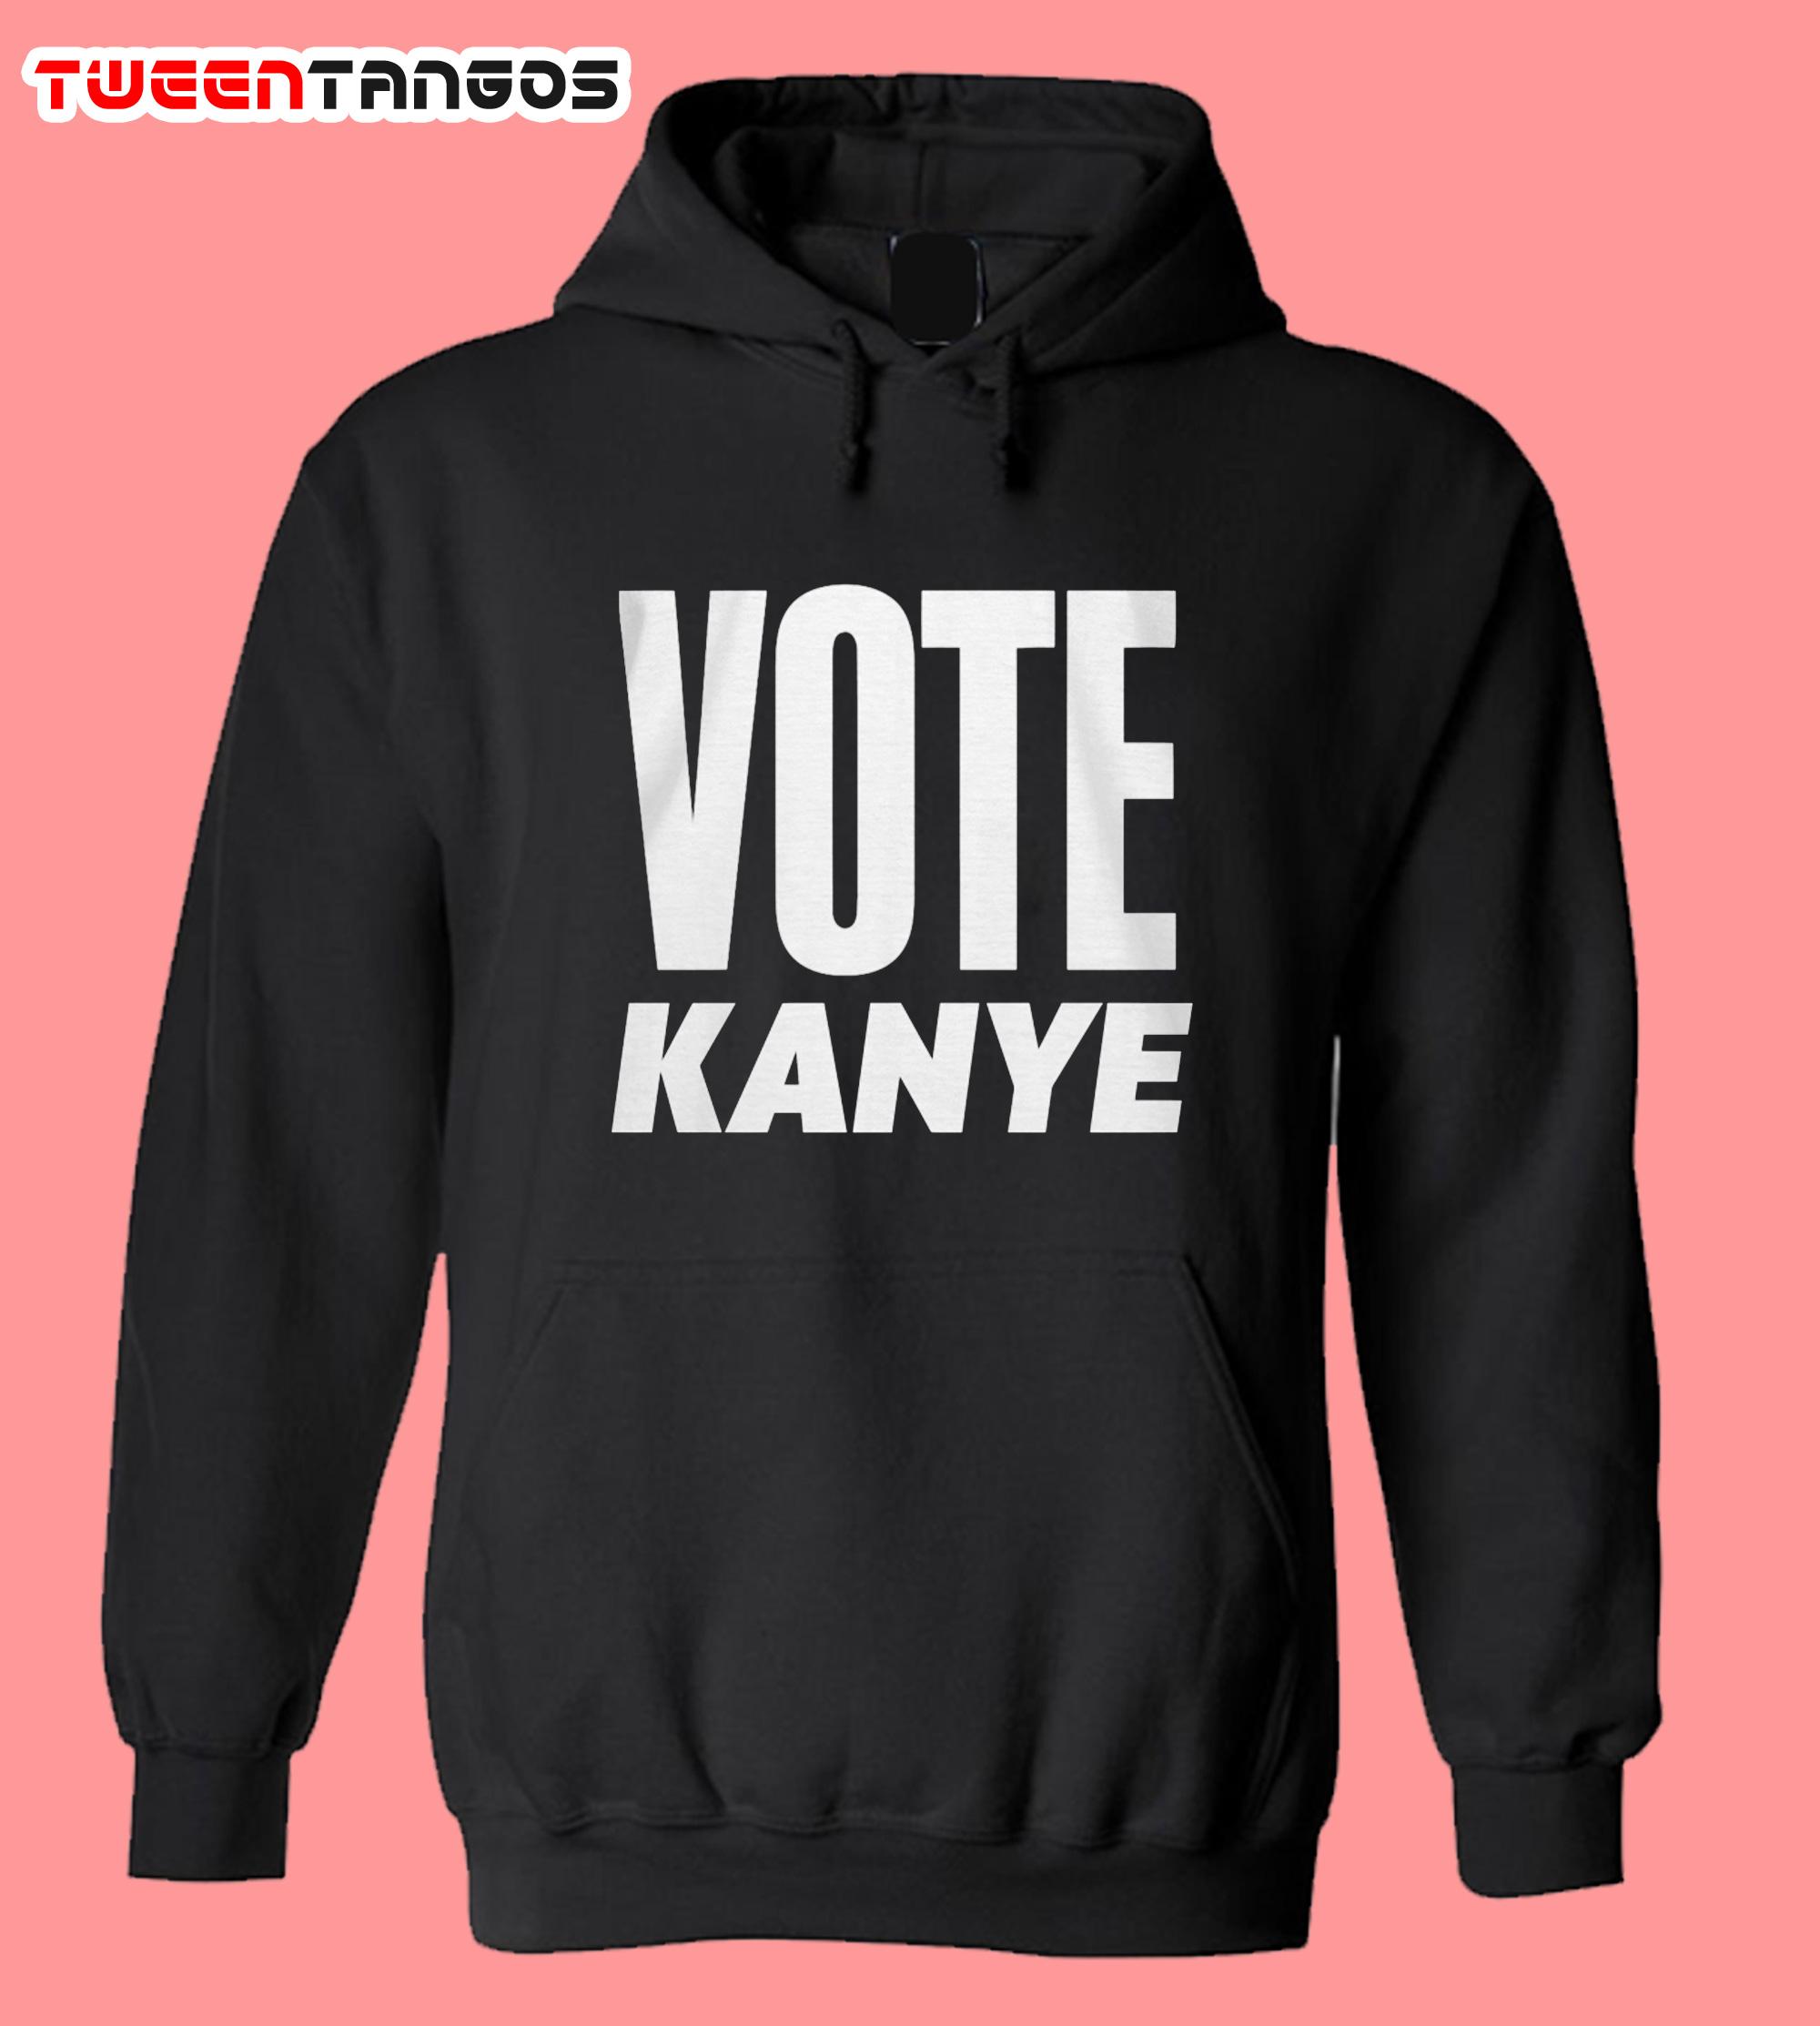 VOTE KANYE HOODIE